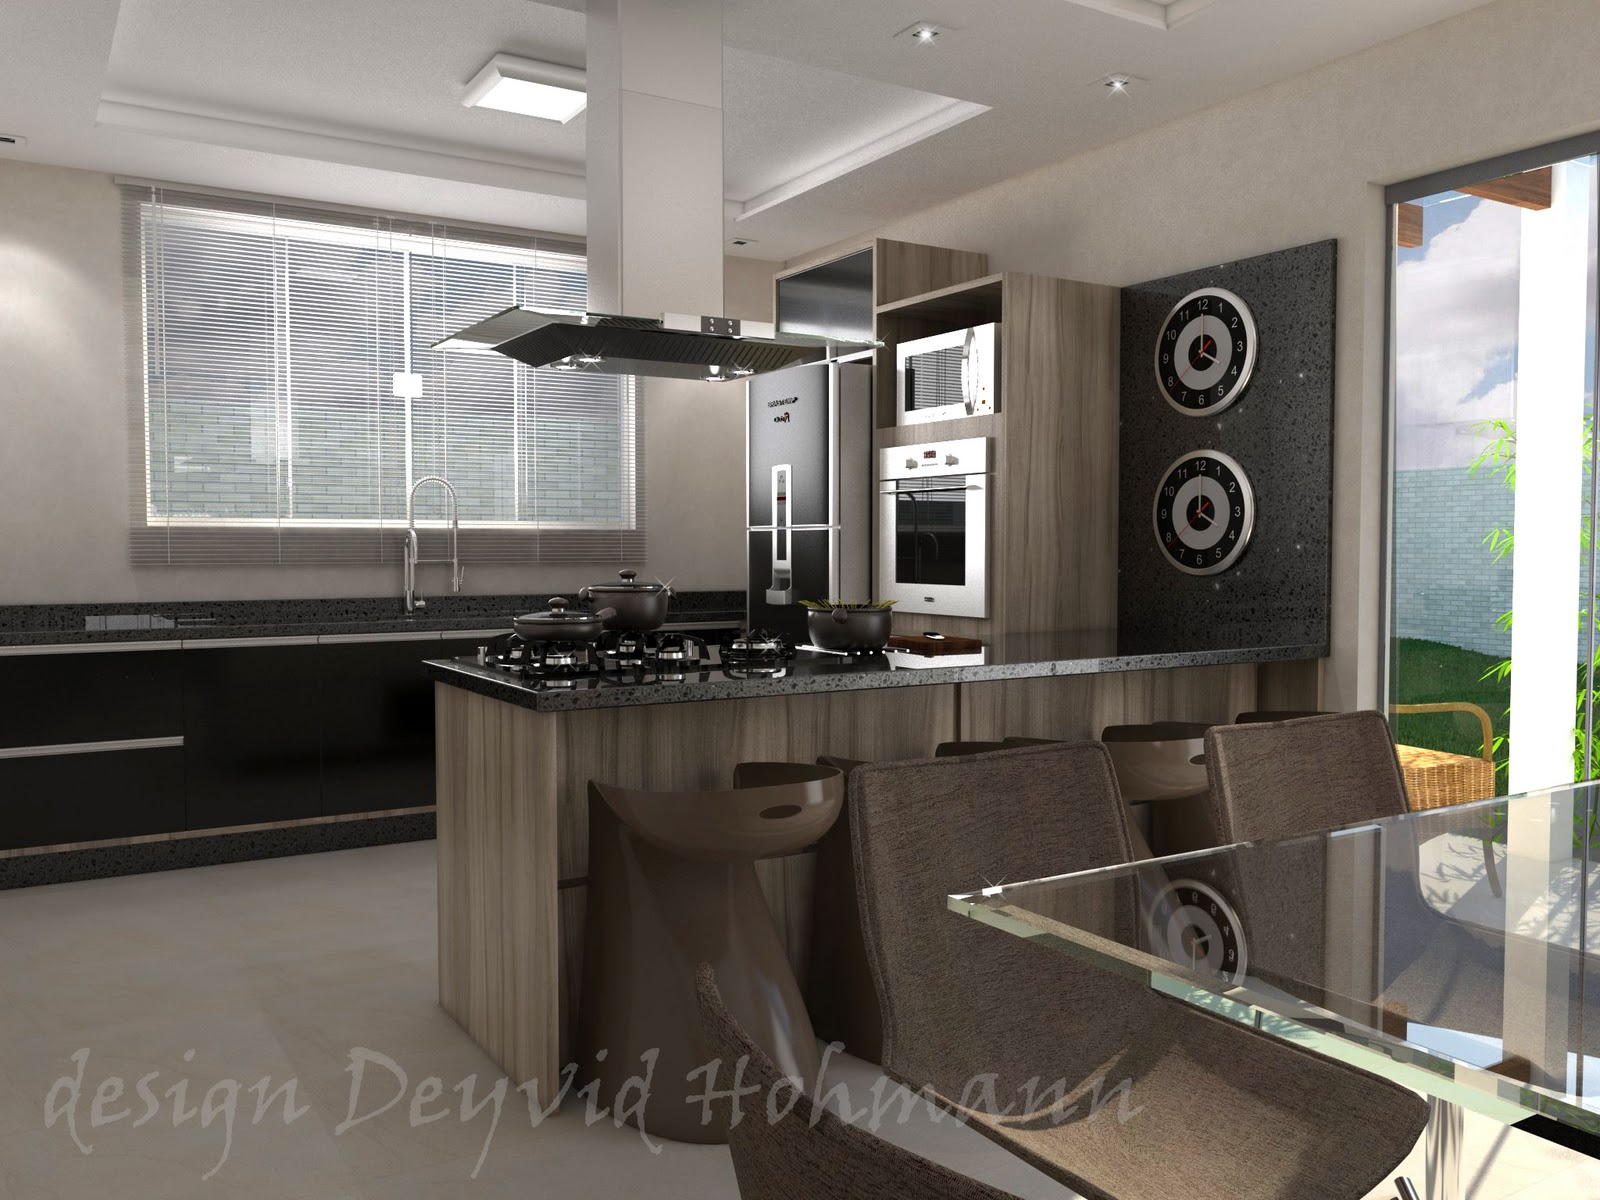 sala pequena conjugada com cozinha pequenaIdéias de decoração para